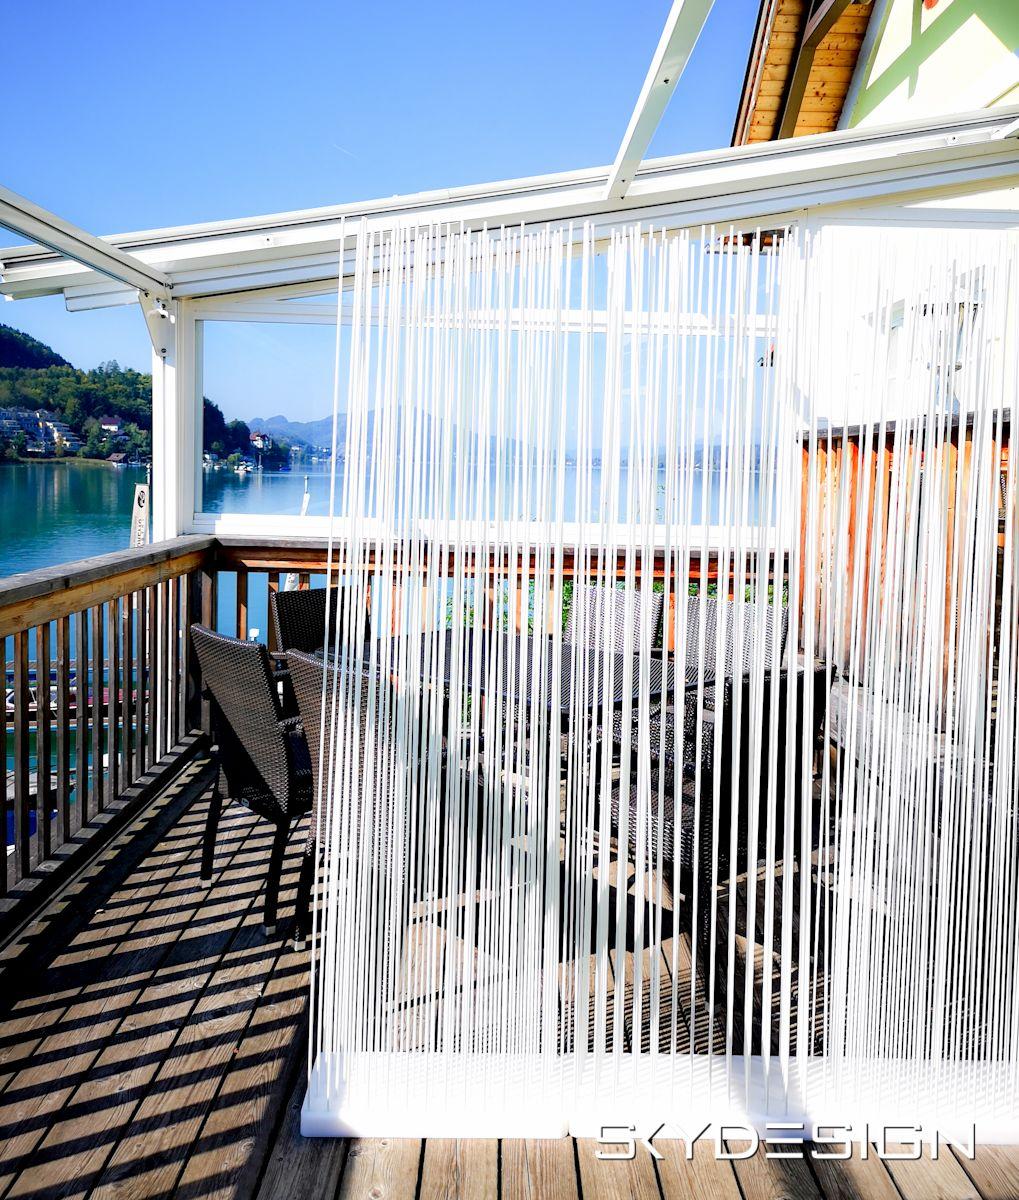 Balkongestaltung Weißer Sichtschutz - Home